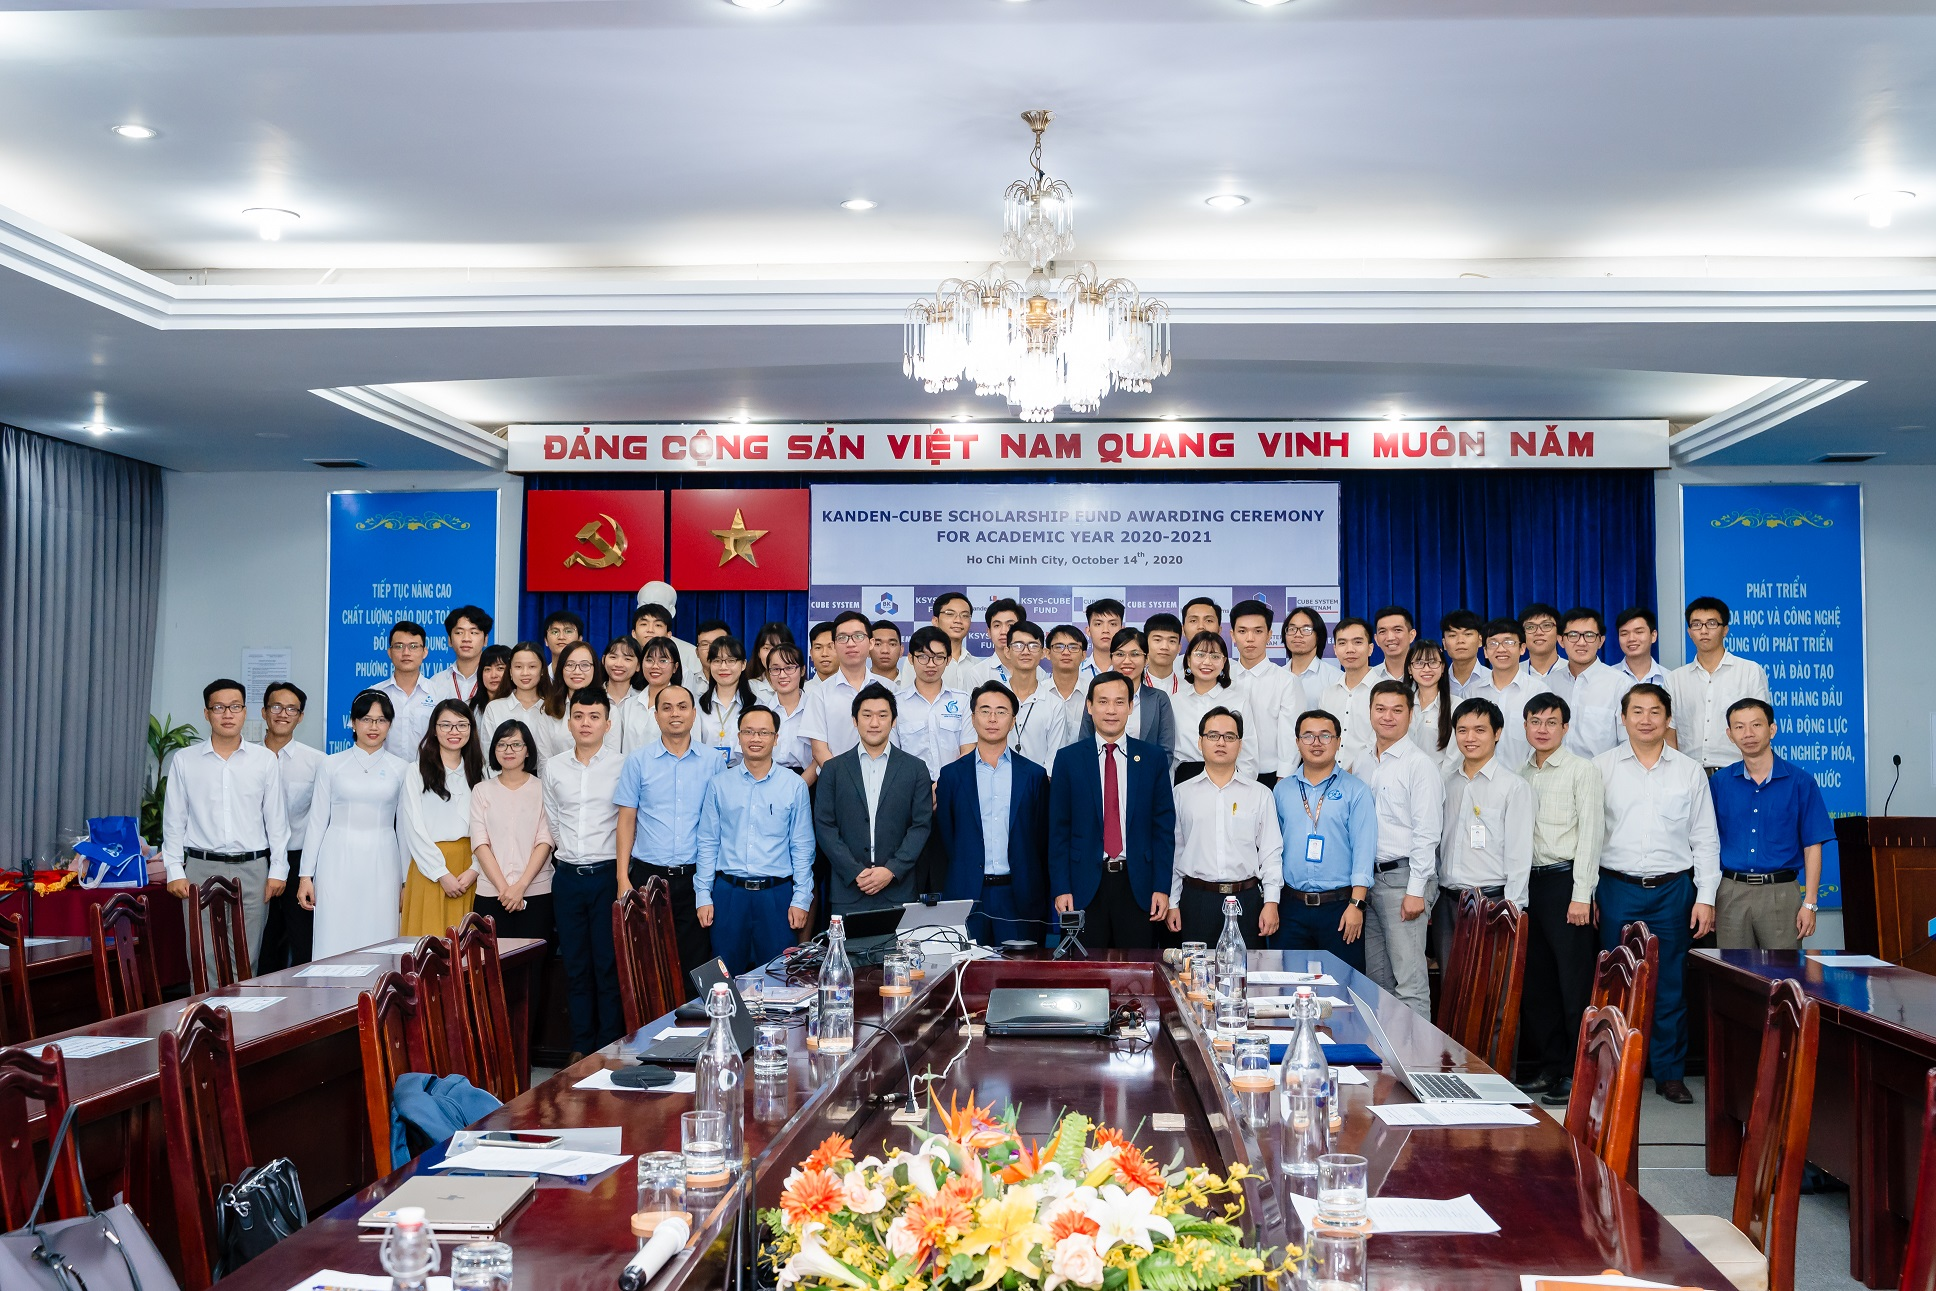 """Lễ trao học bổng """"KSYS – CUBE FUND"""" tại Trường Đại học Bách Khoa TP. Hồ Chí Minh tháng 10 năm 2020"""